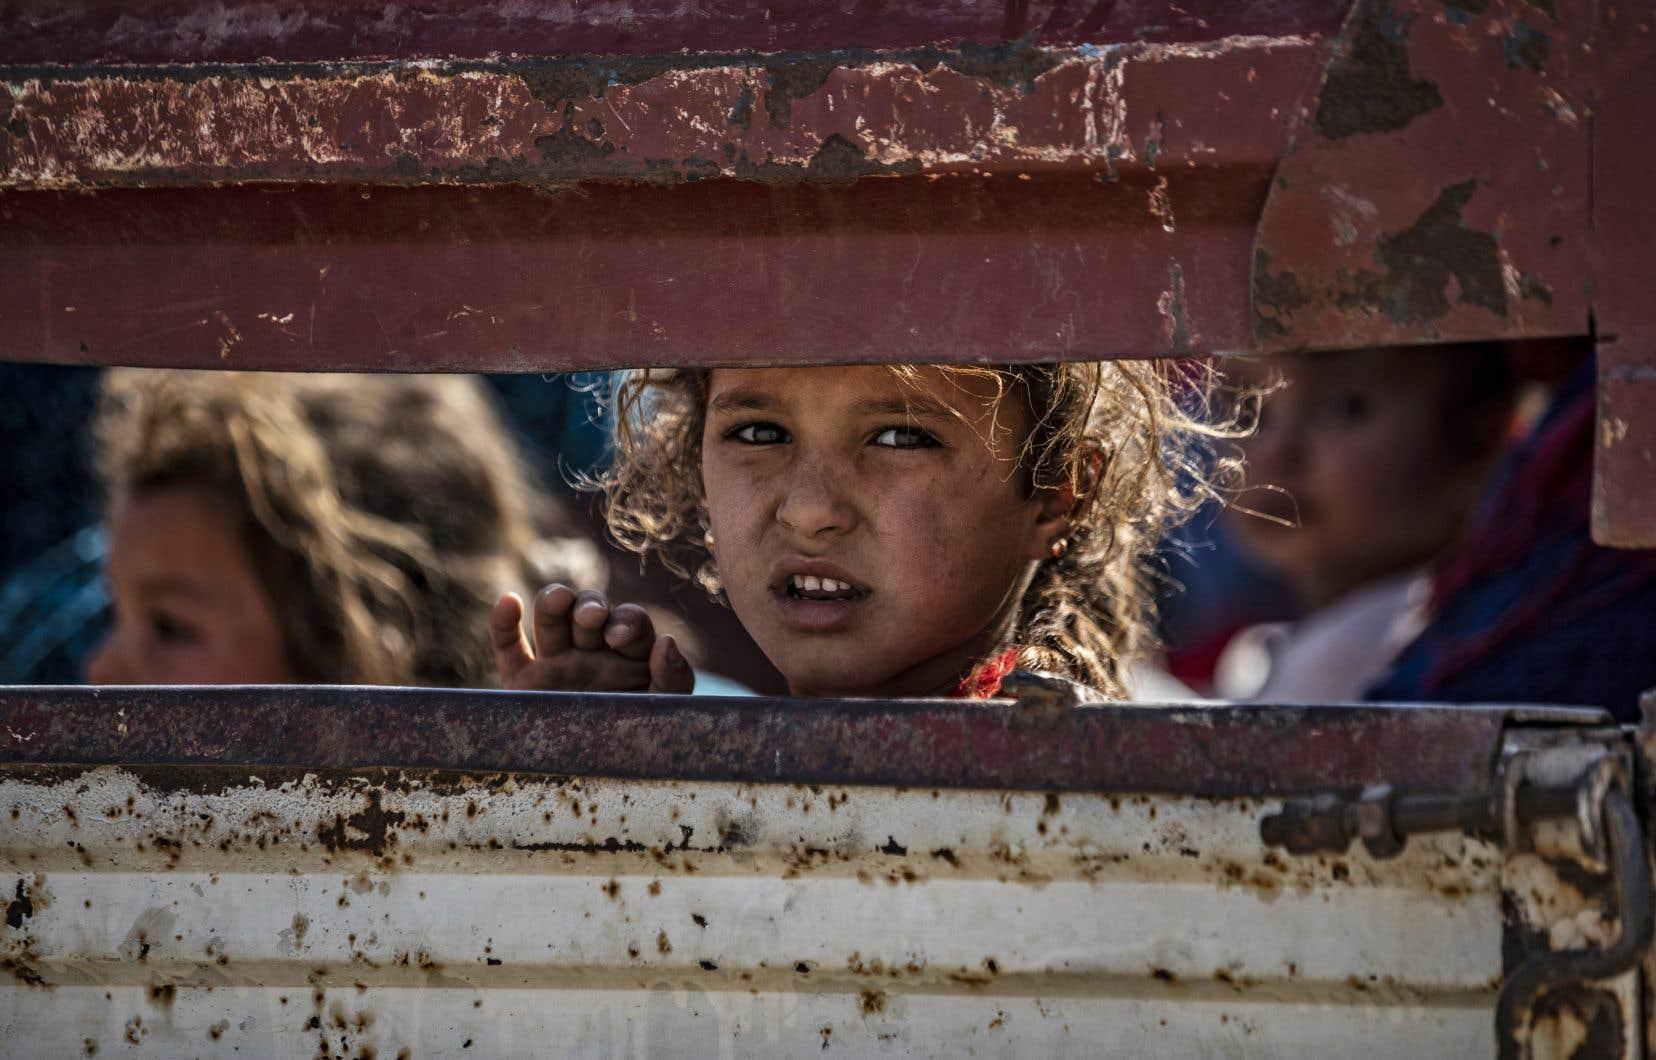 Des dizaines de milliers de Kurdes ont fui leurs foyers, trouvant refuge dans des villes épargnées par les bombardements comme Hassaké et Tall Tamr, plus au sud.